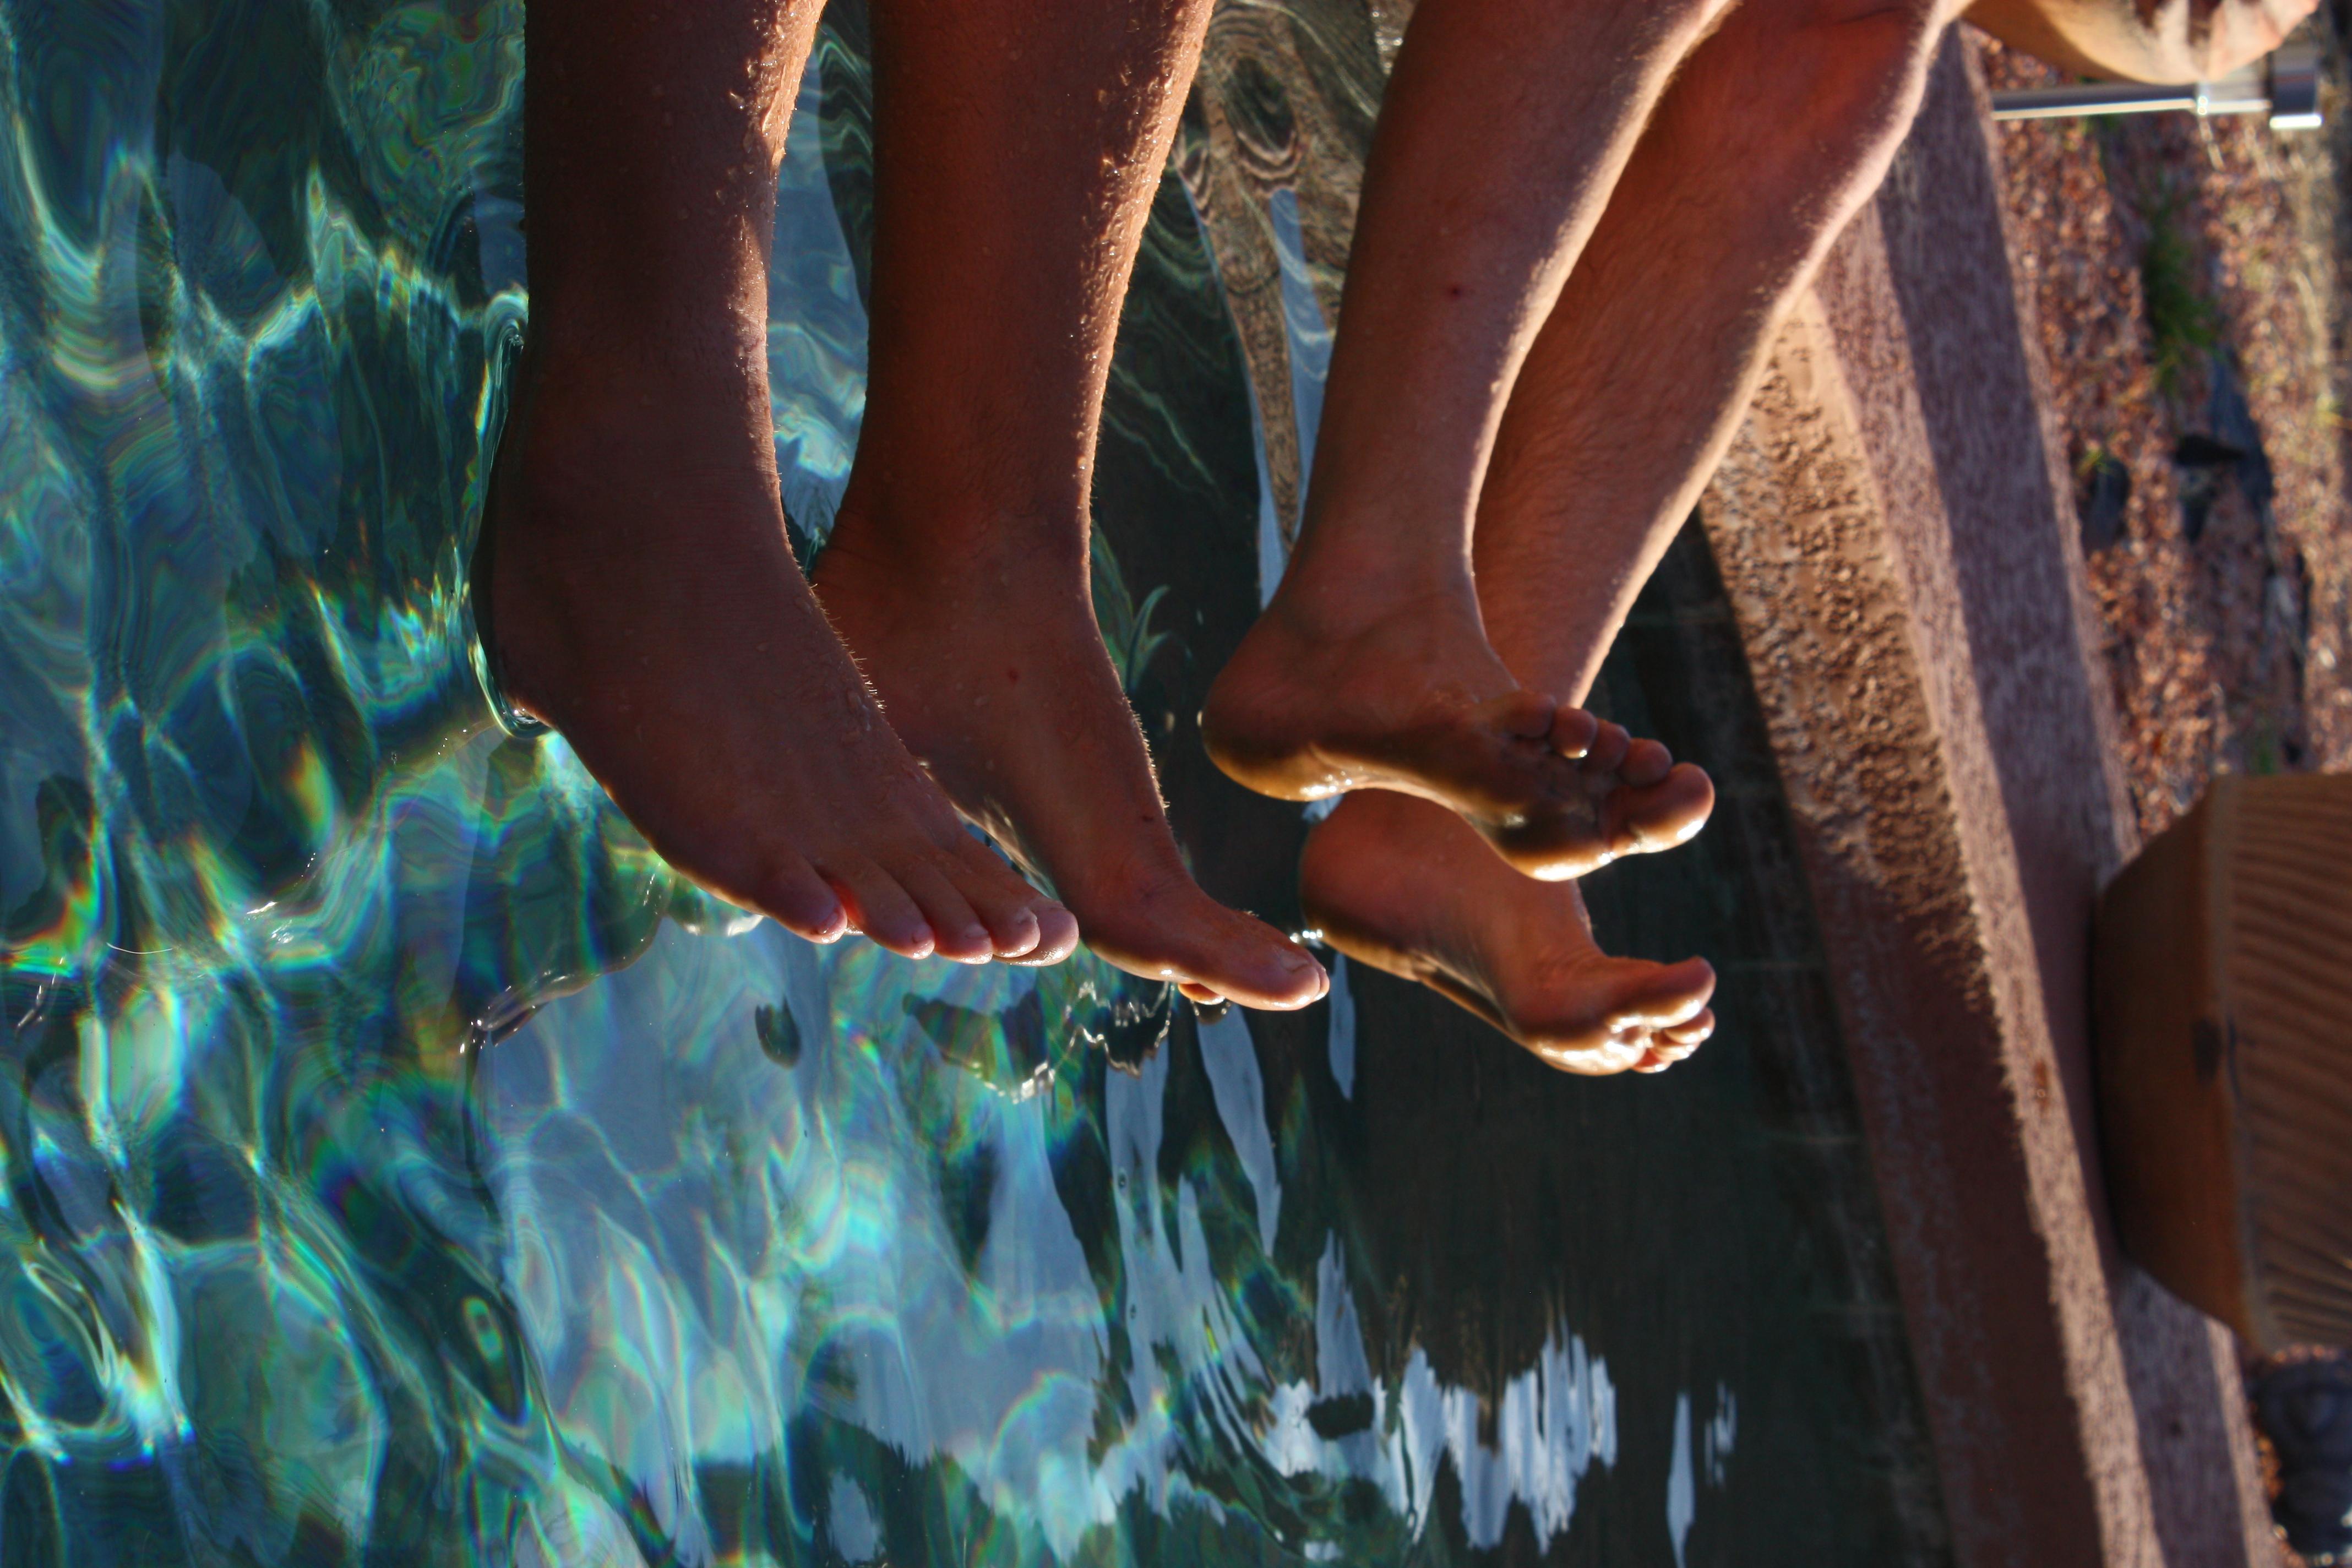 Todd's and Ken Bob's feet